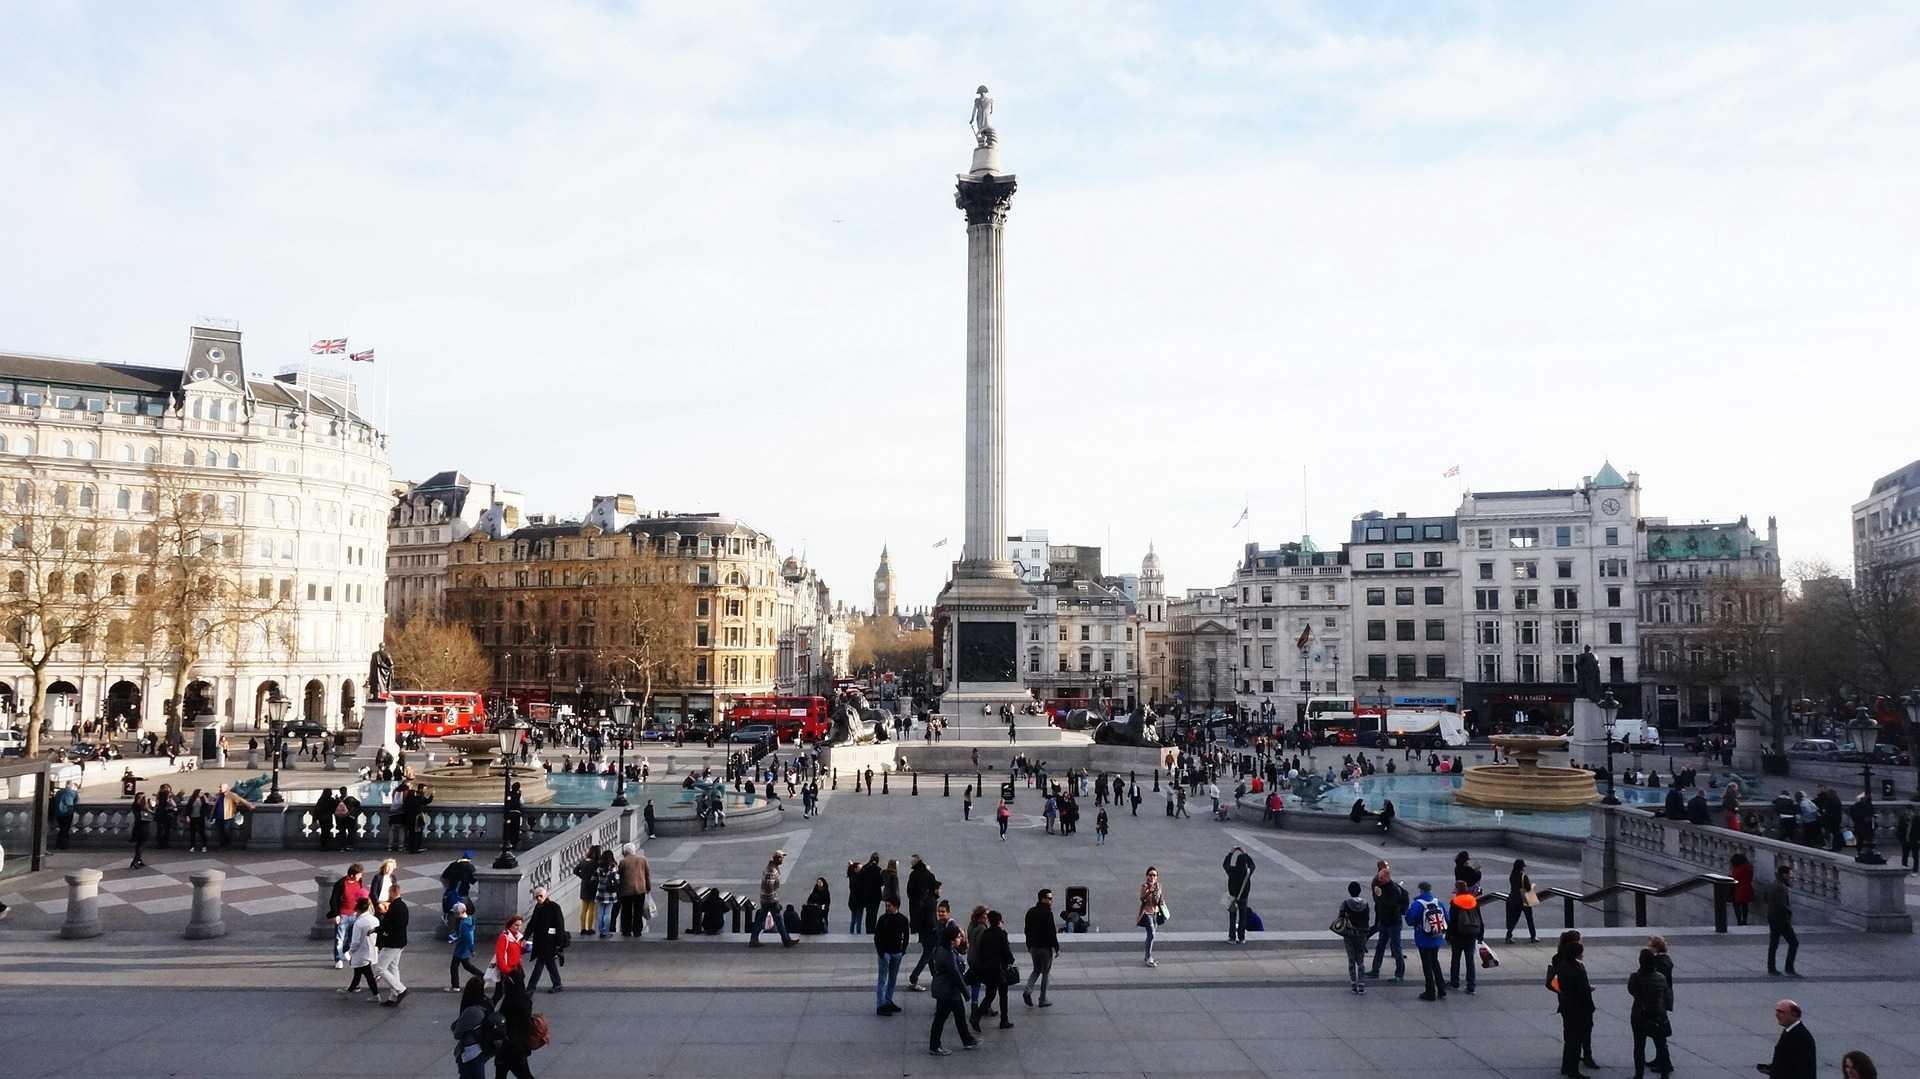 כיכר טרפלגר לונדון 2021 - אטרקציות, מלונות ומסעדות